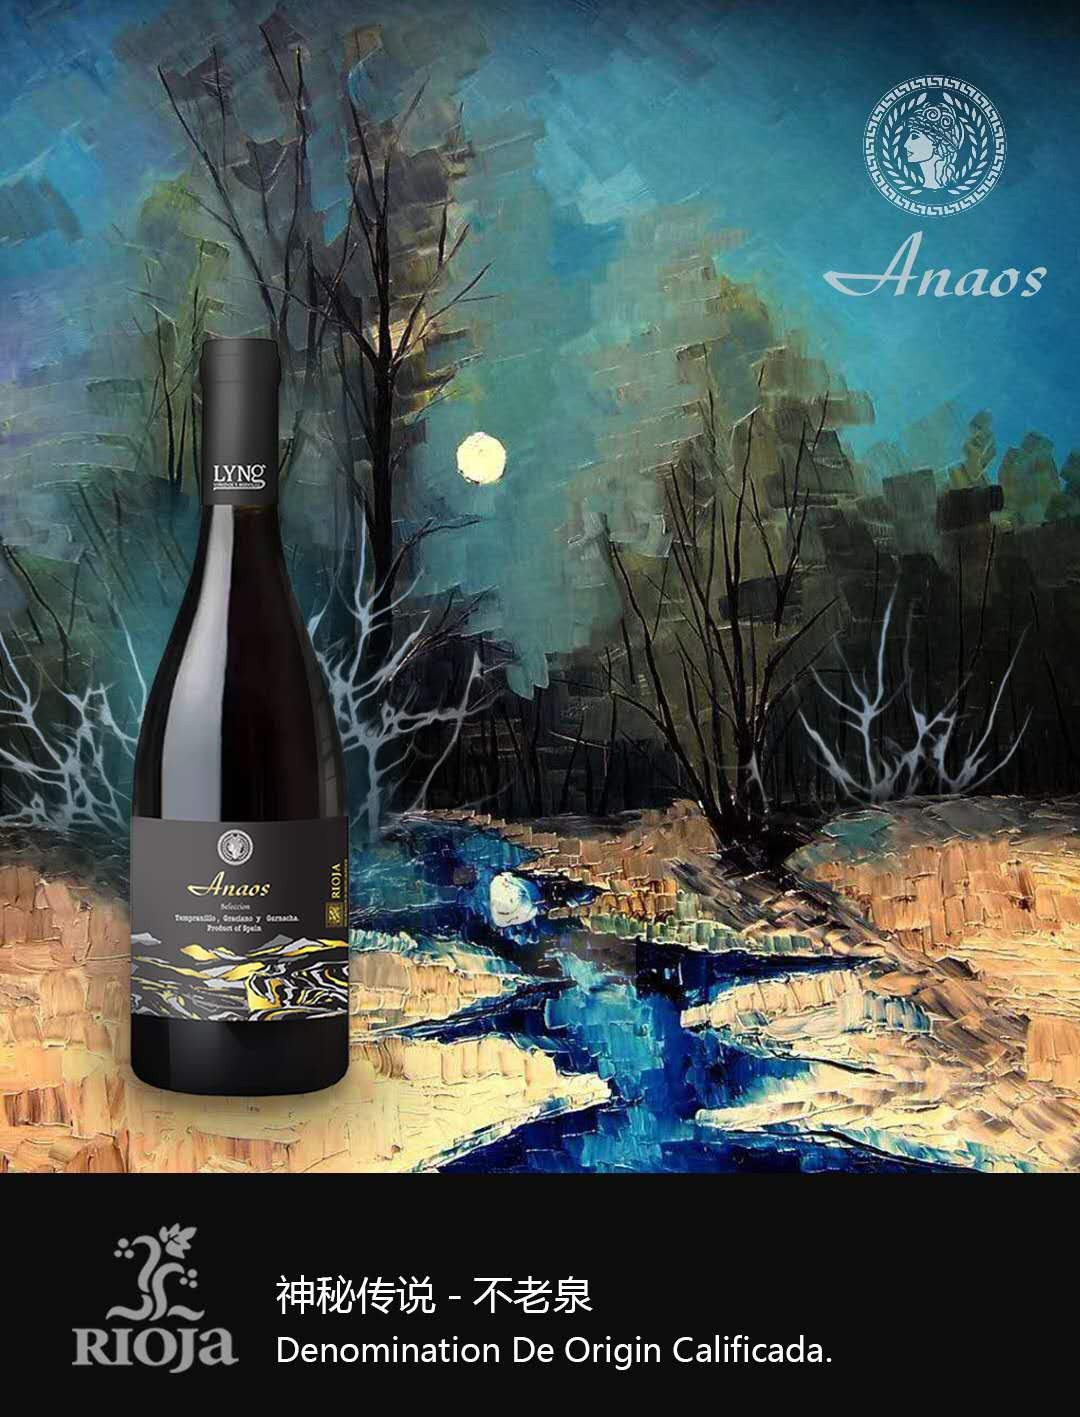 长寿村里的不老泉,西班牙里奥哈优质葡萄酒--阿丹娜!